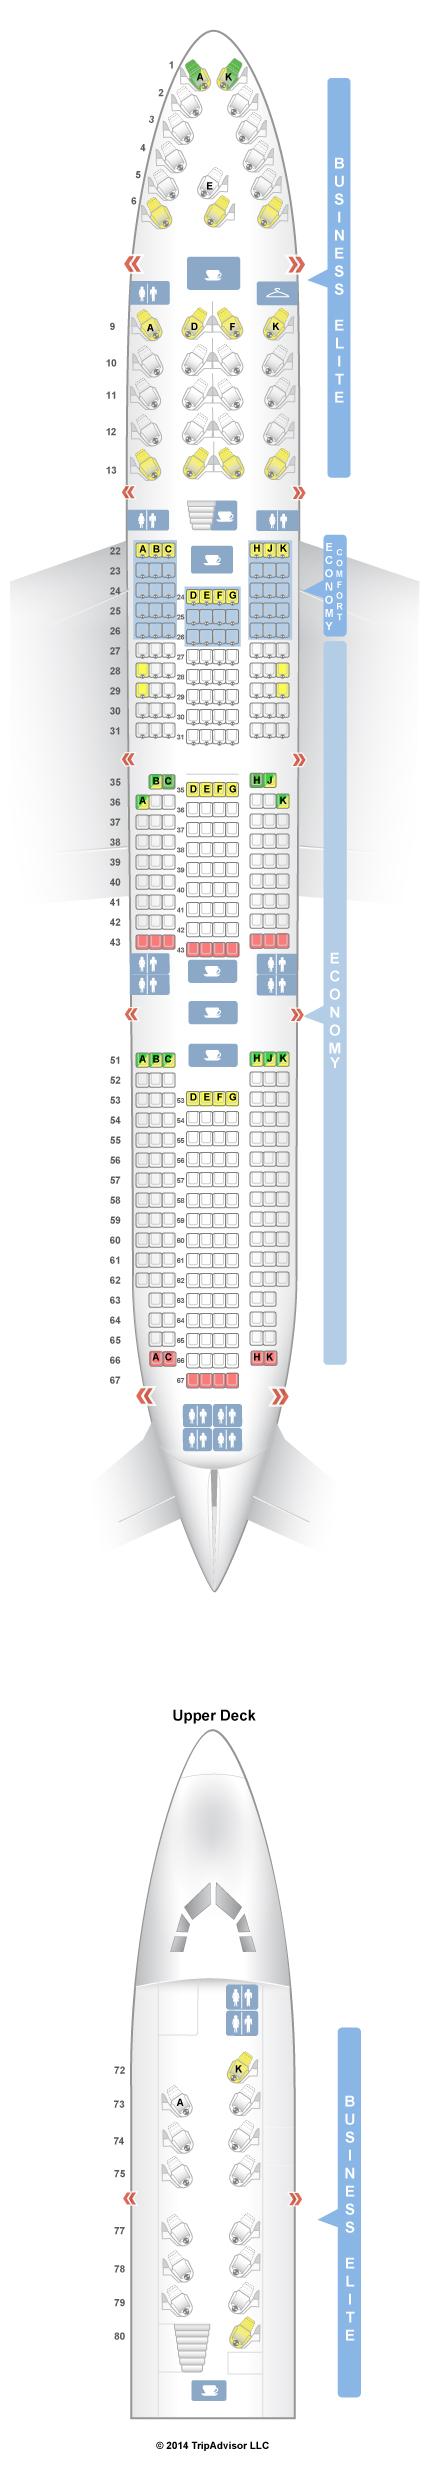 SeatGuru Seat Map Delta Boeing 747400 (744) Seatguru